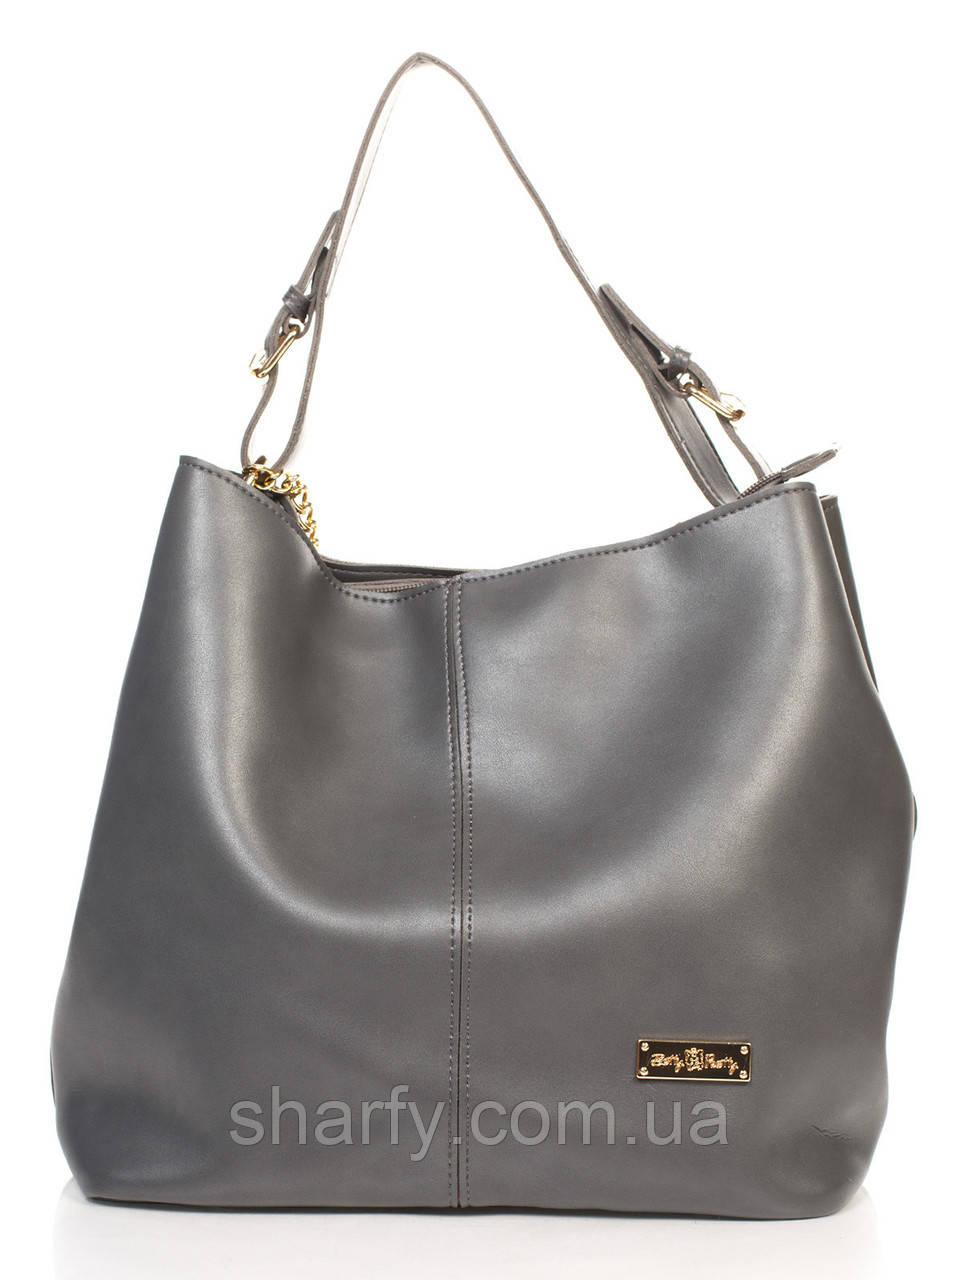 0f156e4afc7f Оригінальна сумочка-шопер у двох кольорах. Сірий темний. Замов свій колір! -